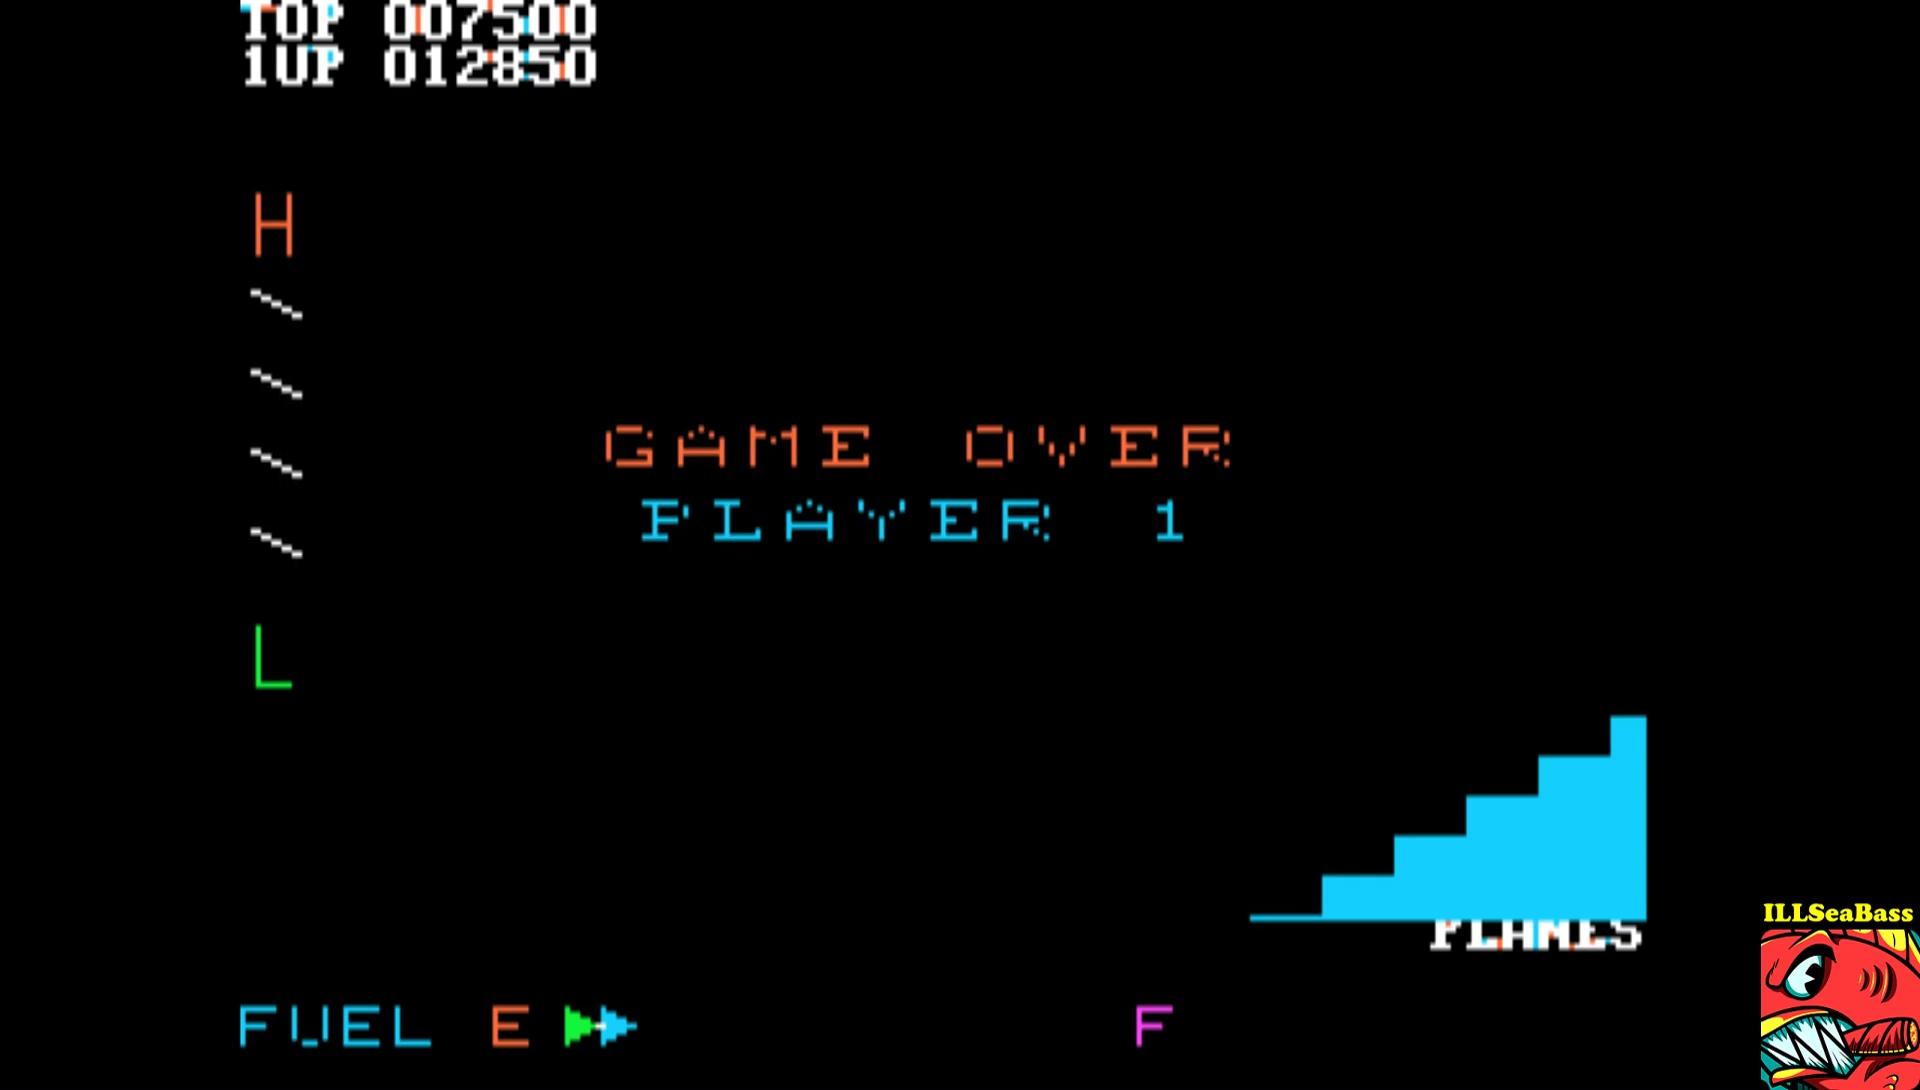 ILLSeaBass: Zaxxon (Apple II Emulated) 12,850 points on 2017-03-07 09:08:59